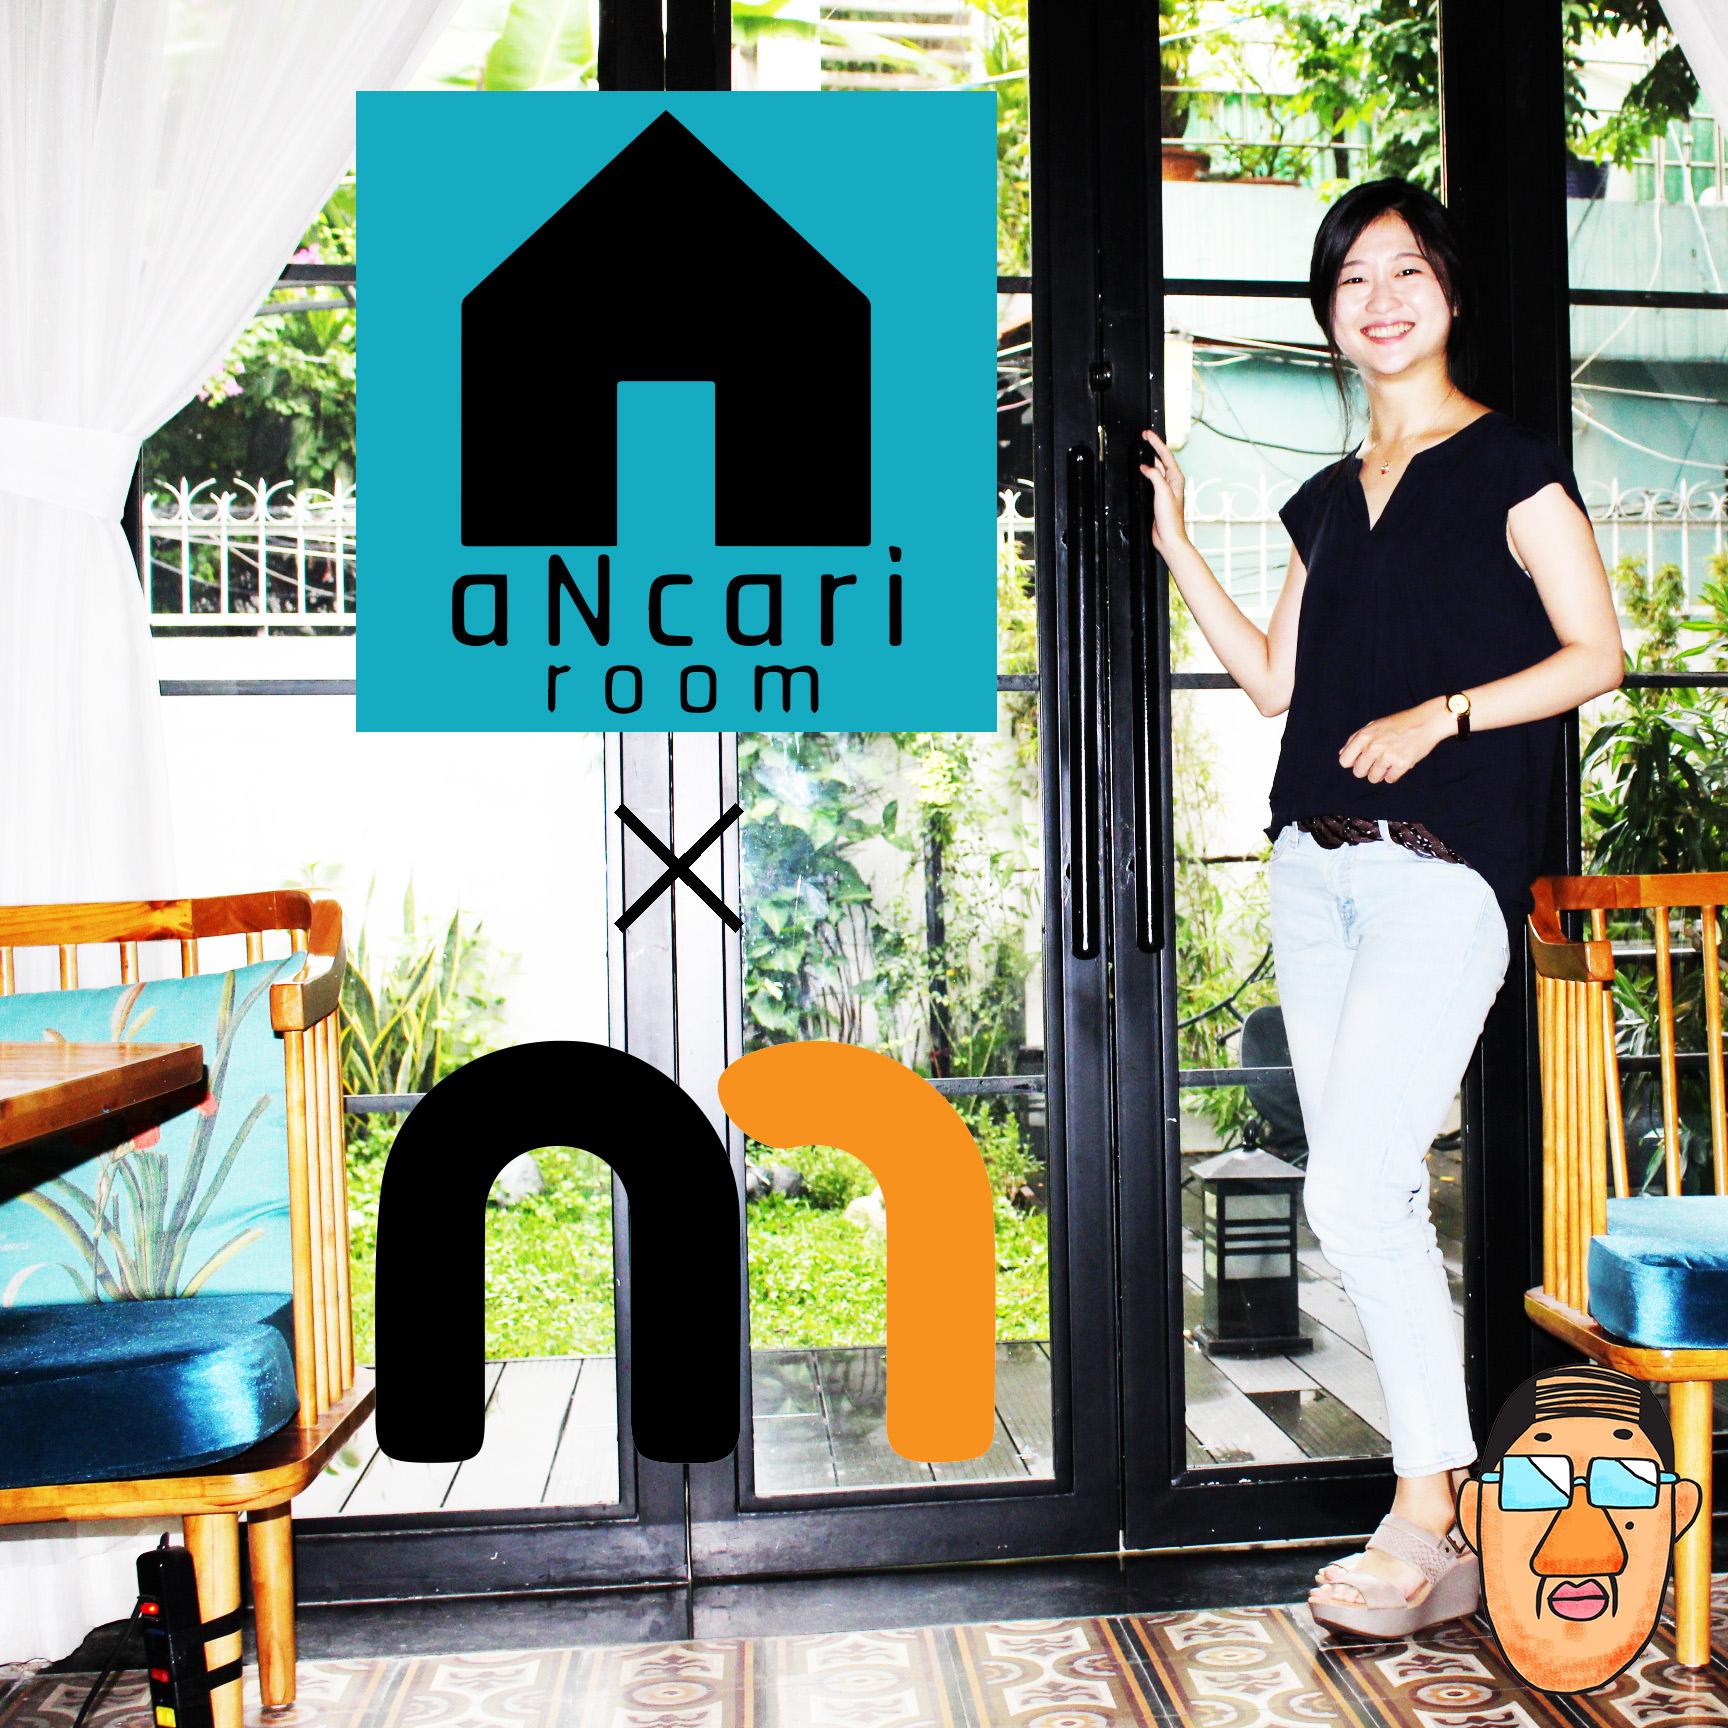 MOJA gặp Akari cùng với Duyên, một người bạn thân của cô ấy trong một chiều mưa tầm tã của Sài Gòn.